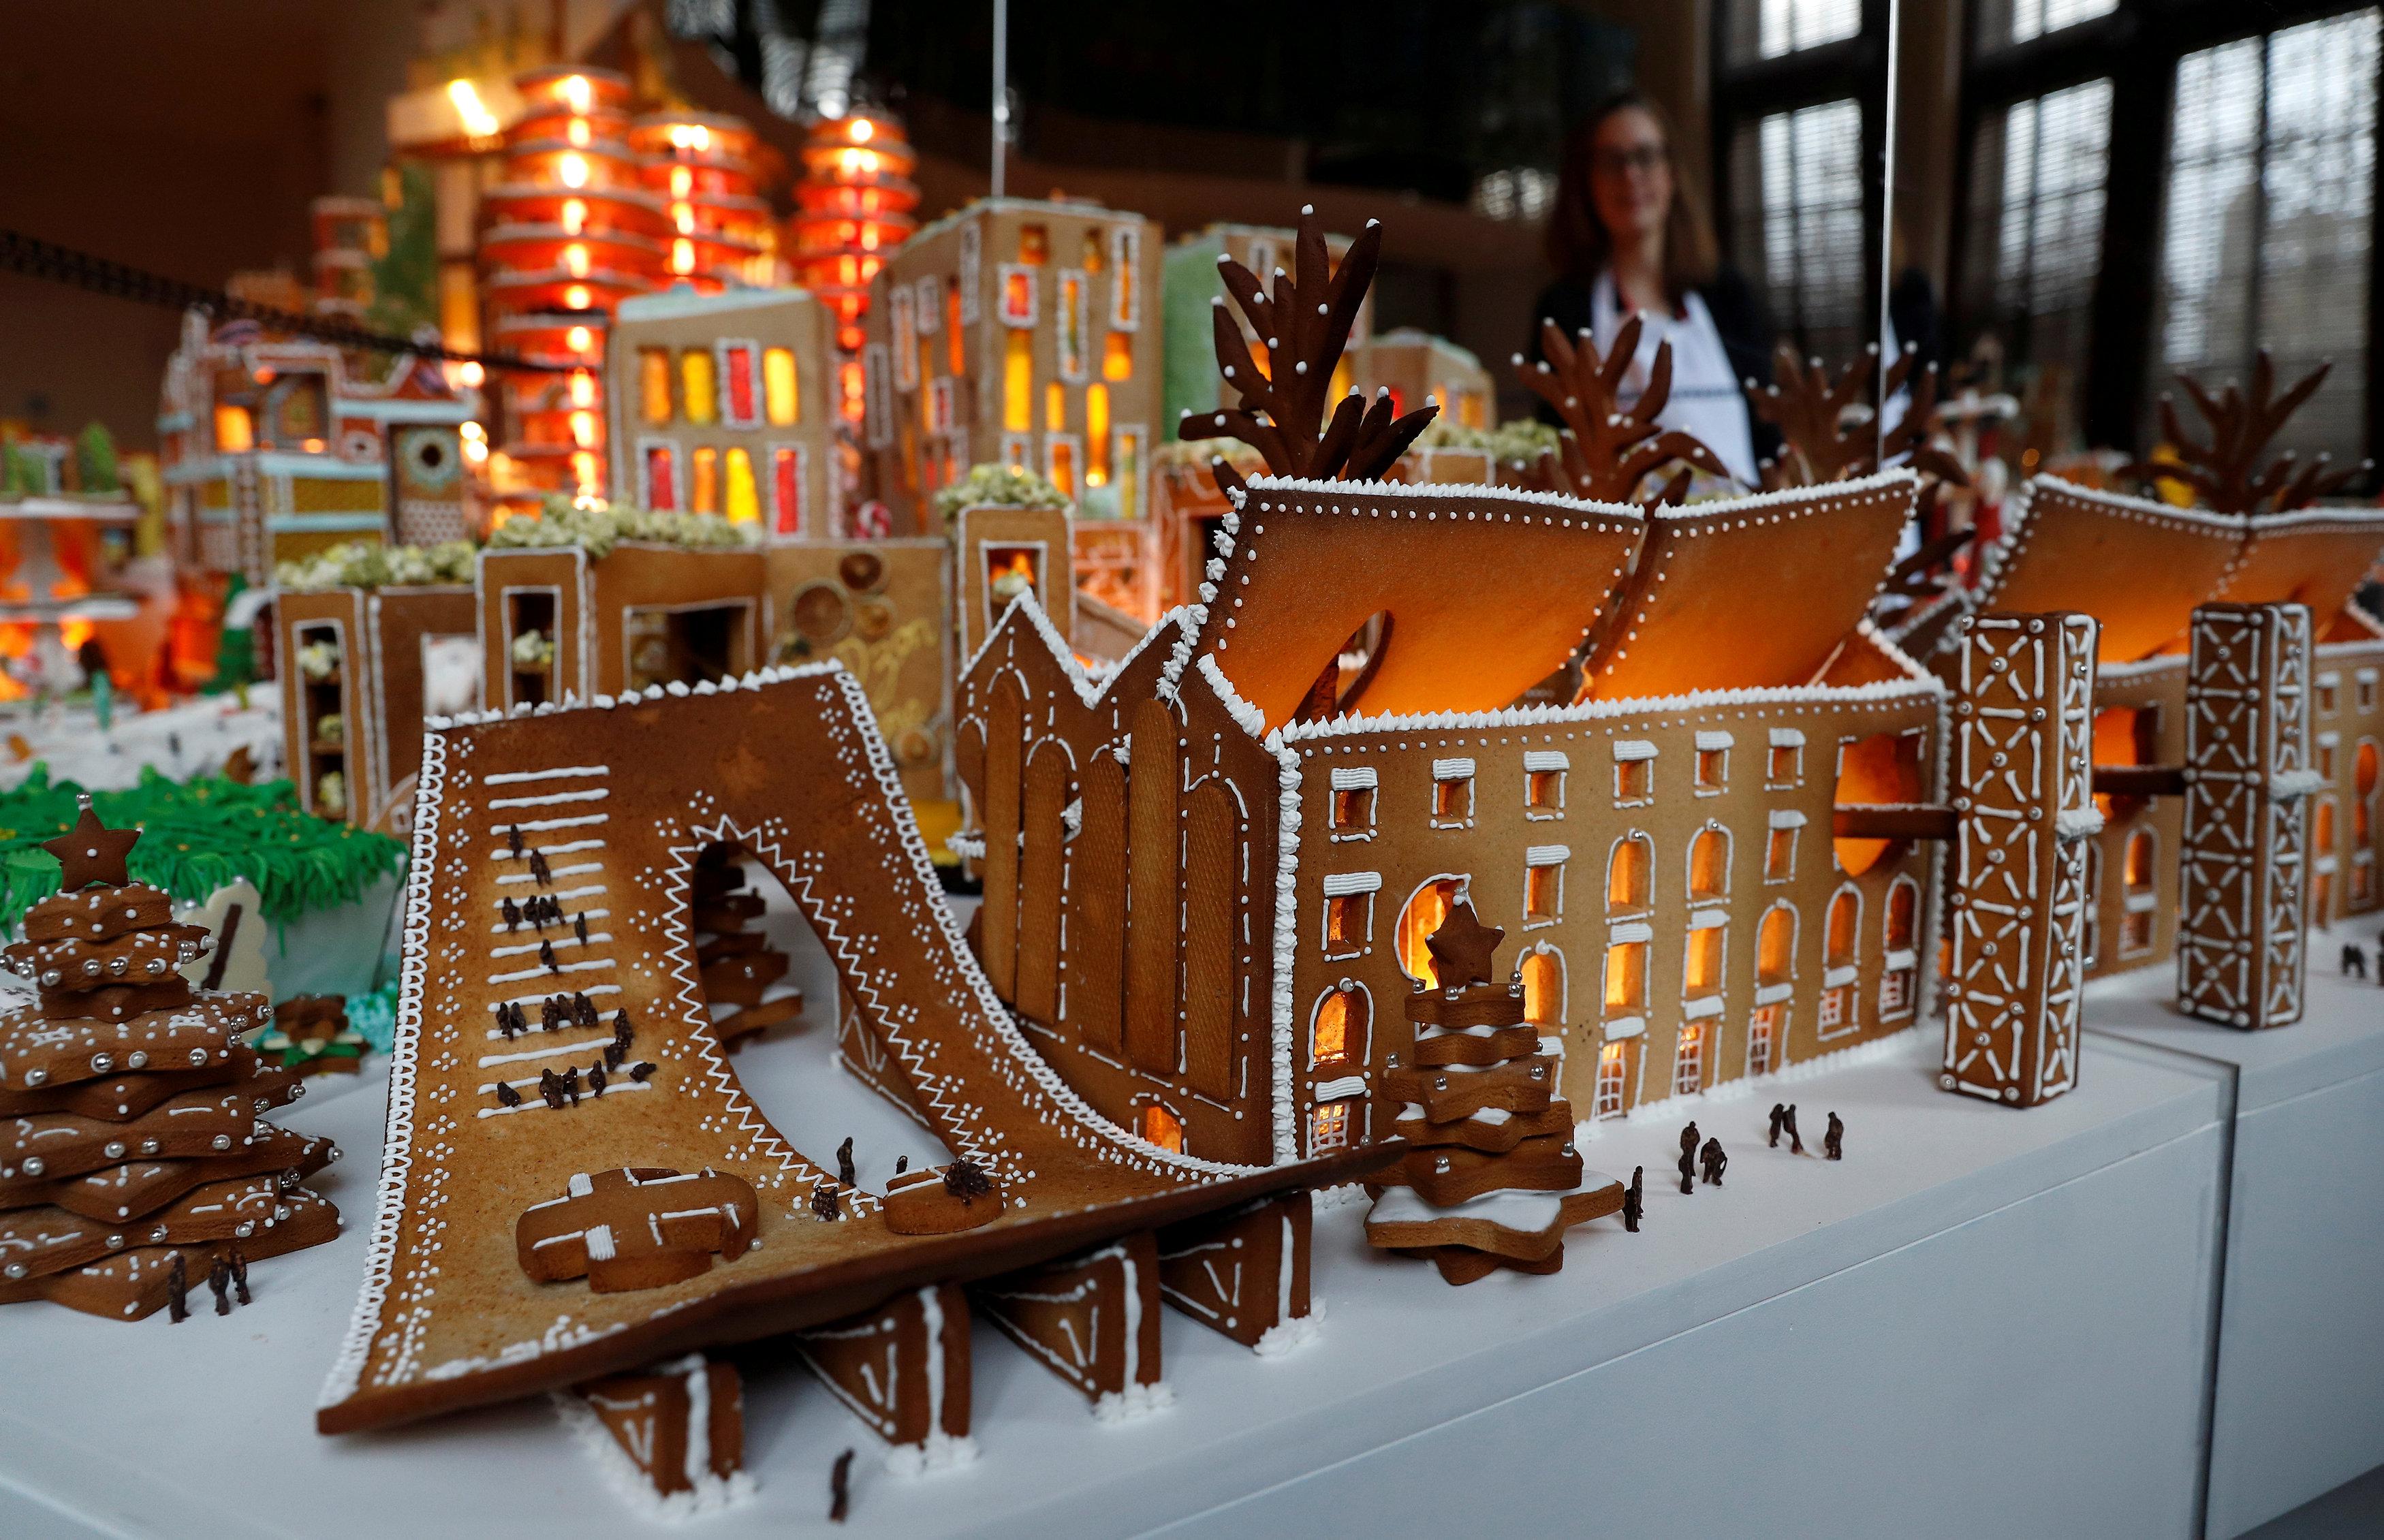 المدينة مصممة من قبل مهندسين معماريين